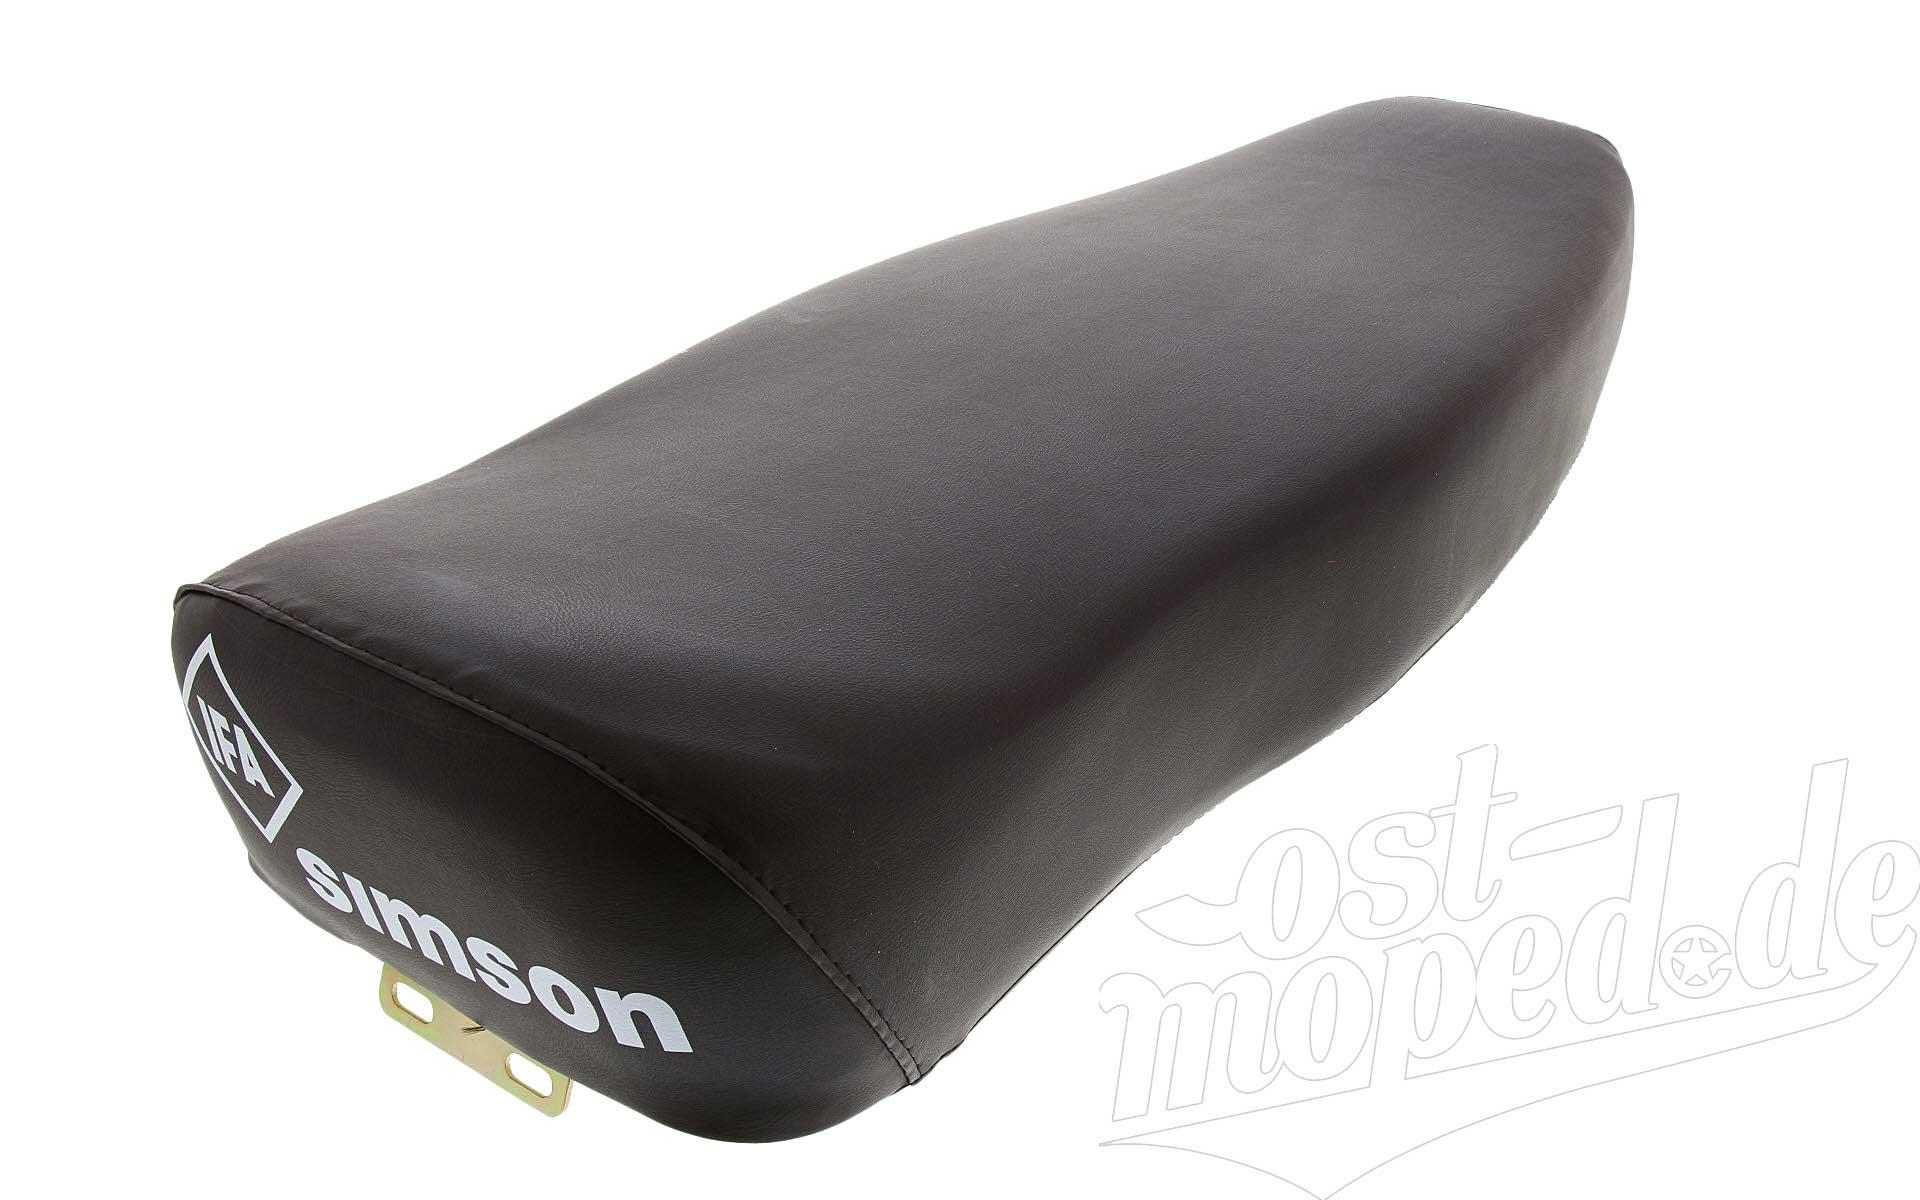 kpl. - schwarz S51 Sitzbank glatt S50